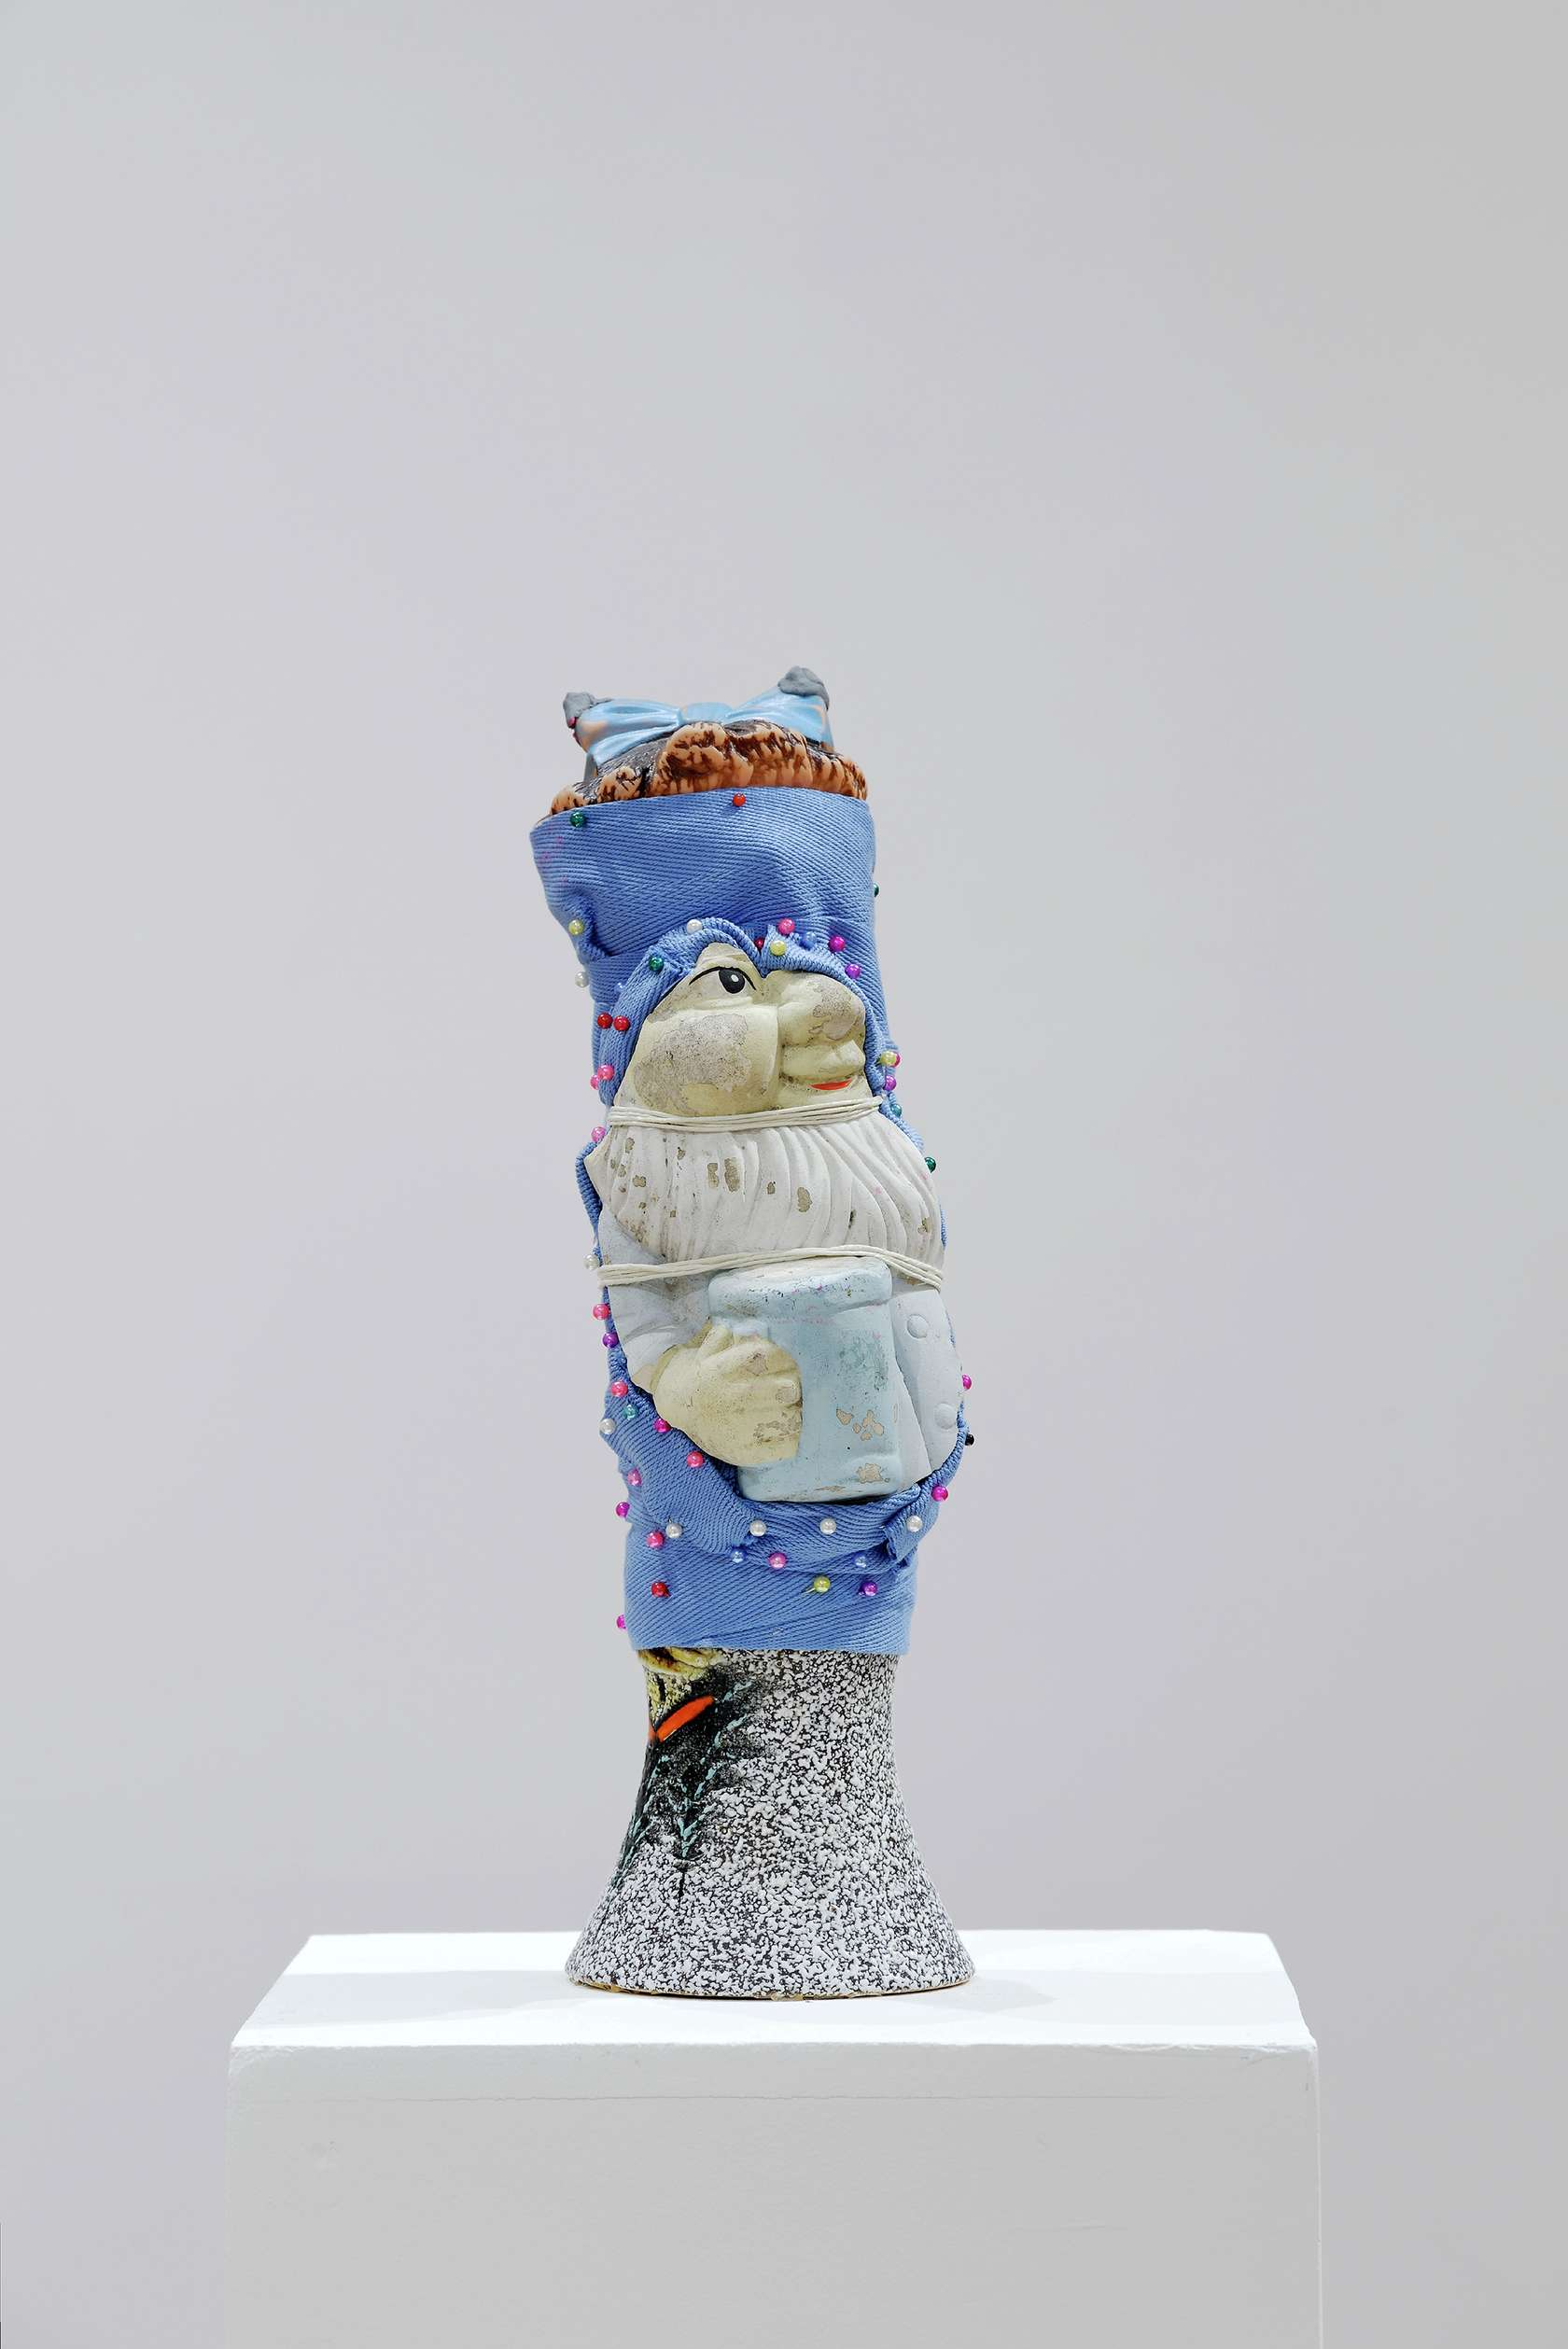 Hippolyte Hentgen, De la série des Vallauris, 2015 Assemblage30 x 12 x 12 cm / 11 6/8 x 4 6/8 x 4 6/8 inches